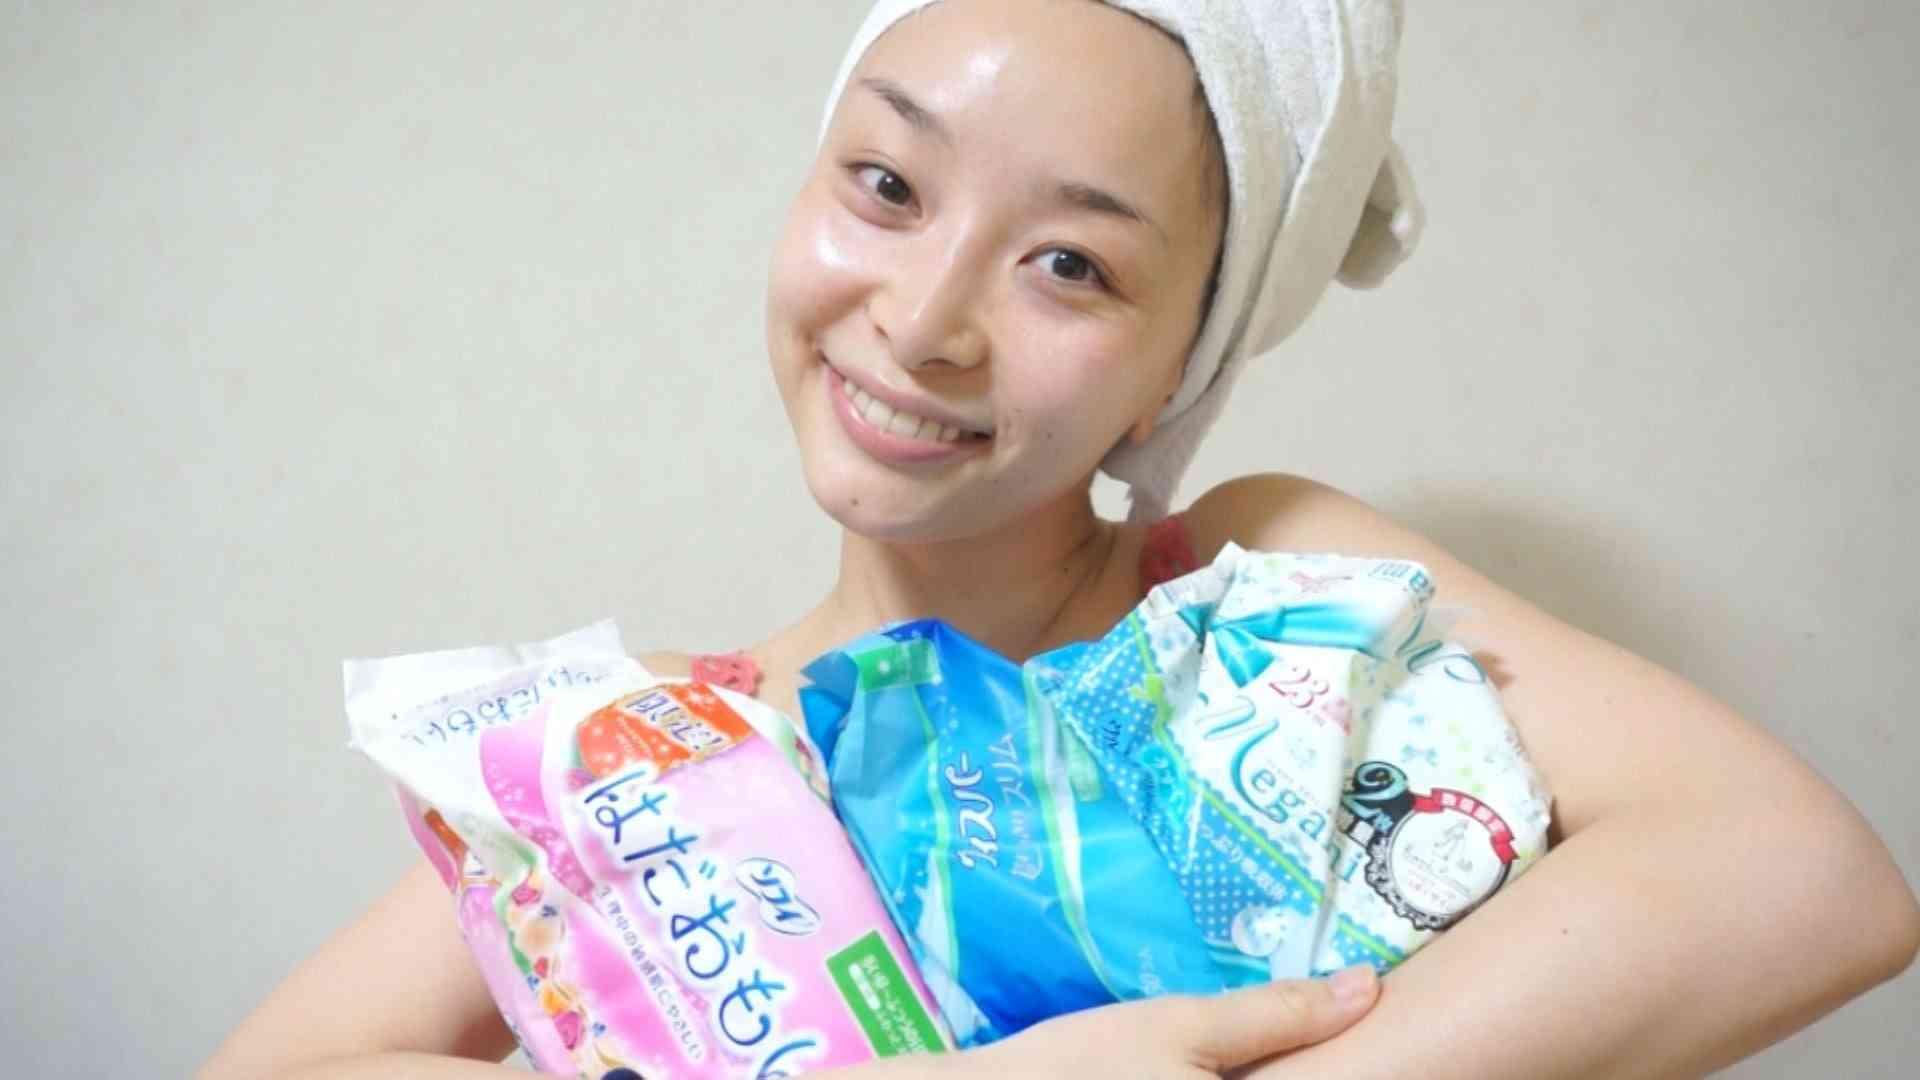 人気のナプキンを5ヶ月使用しての感想♡ - 2014.6.15 SasakiAsahiVlog - YouTube